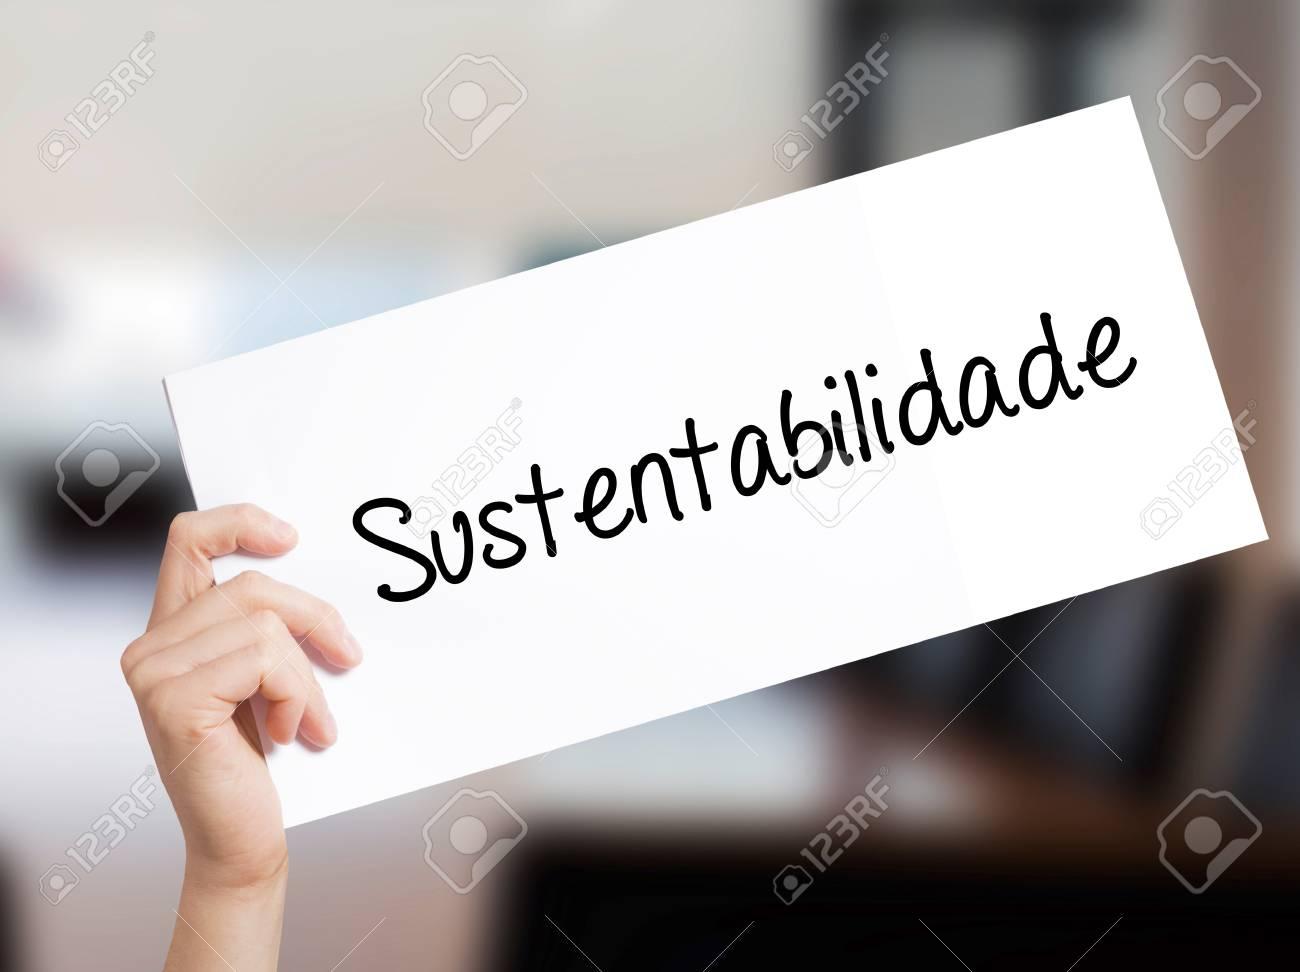 Sustentabilidade en portugais durabilité inscrivez vous sur le